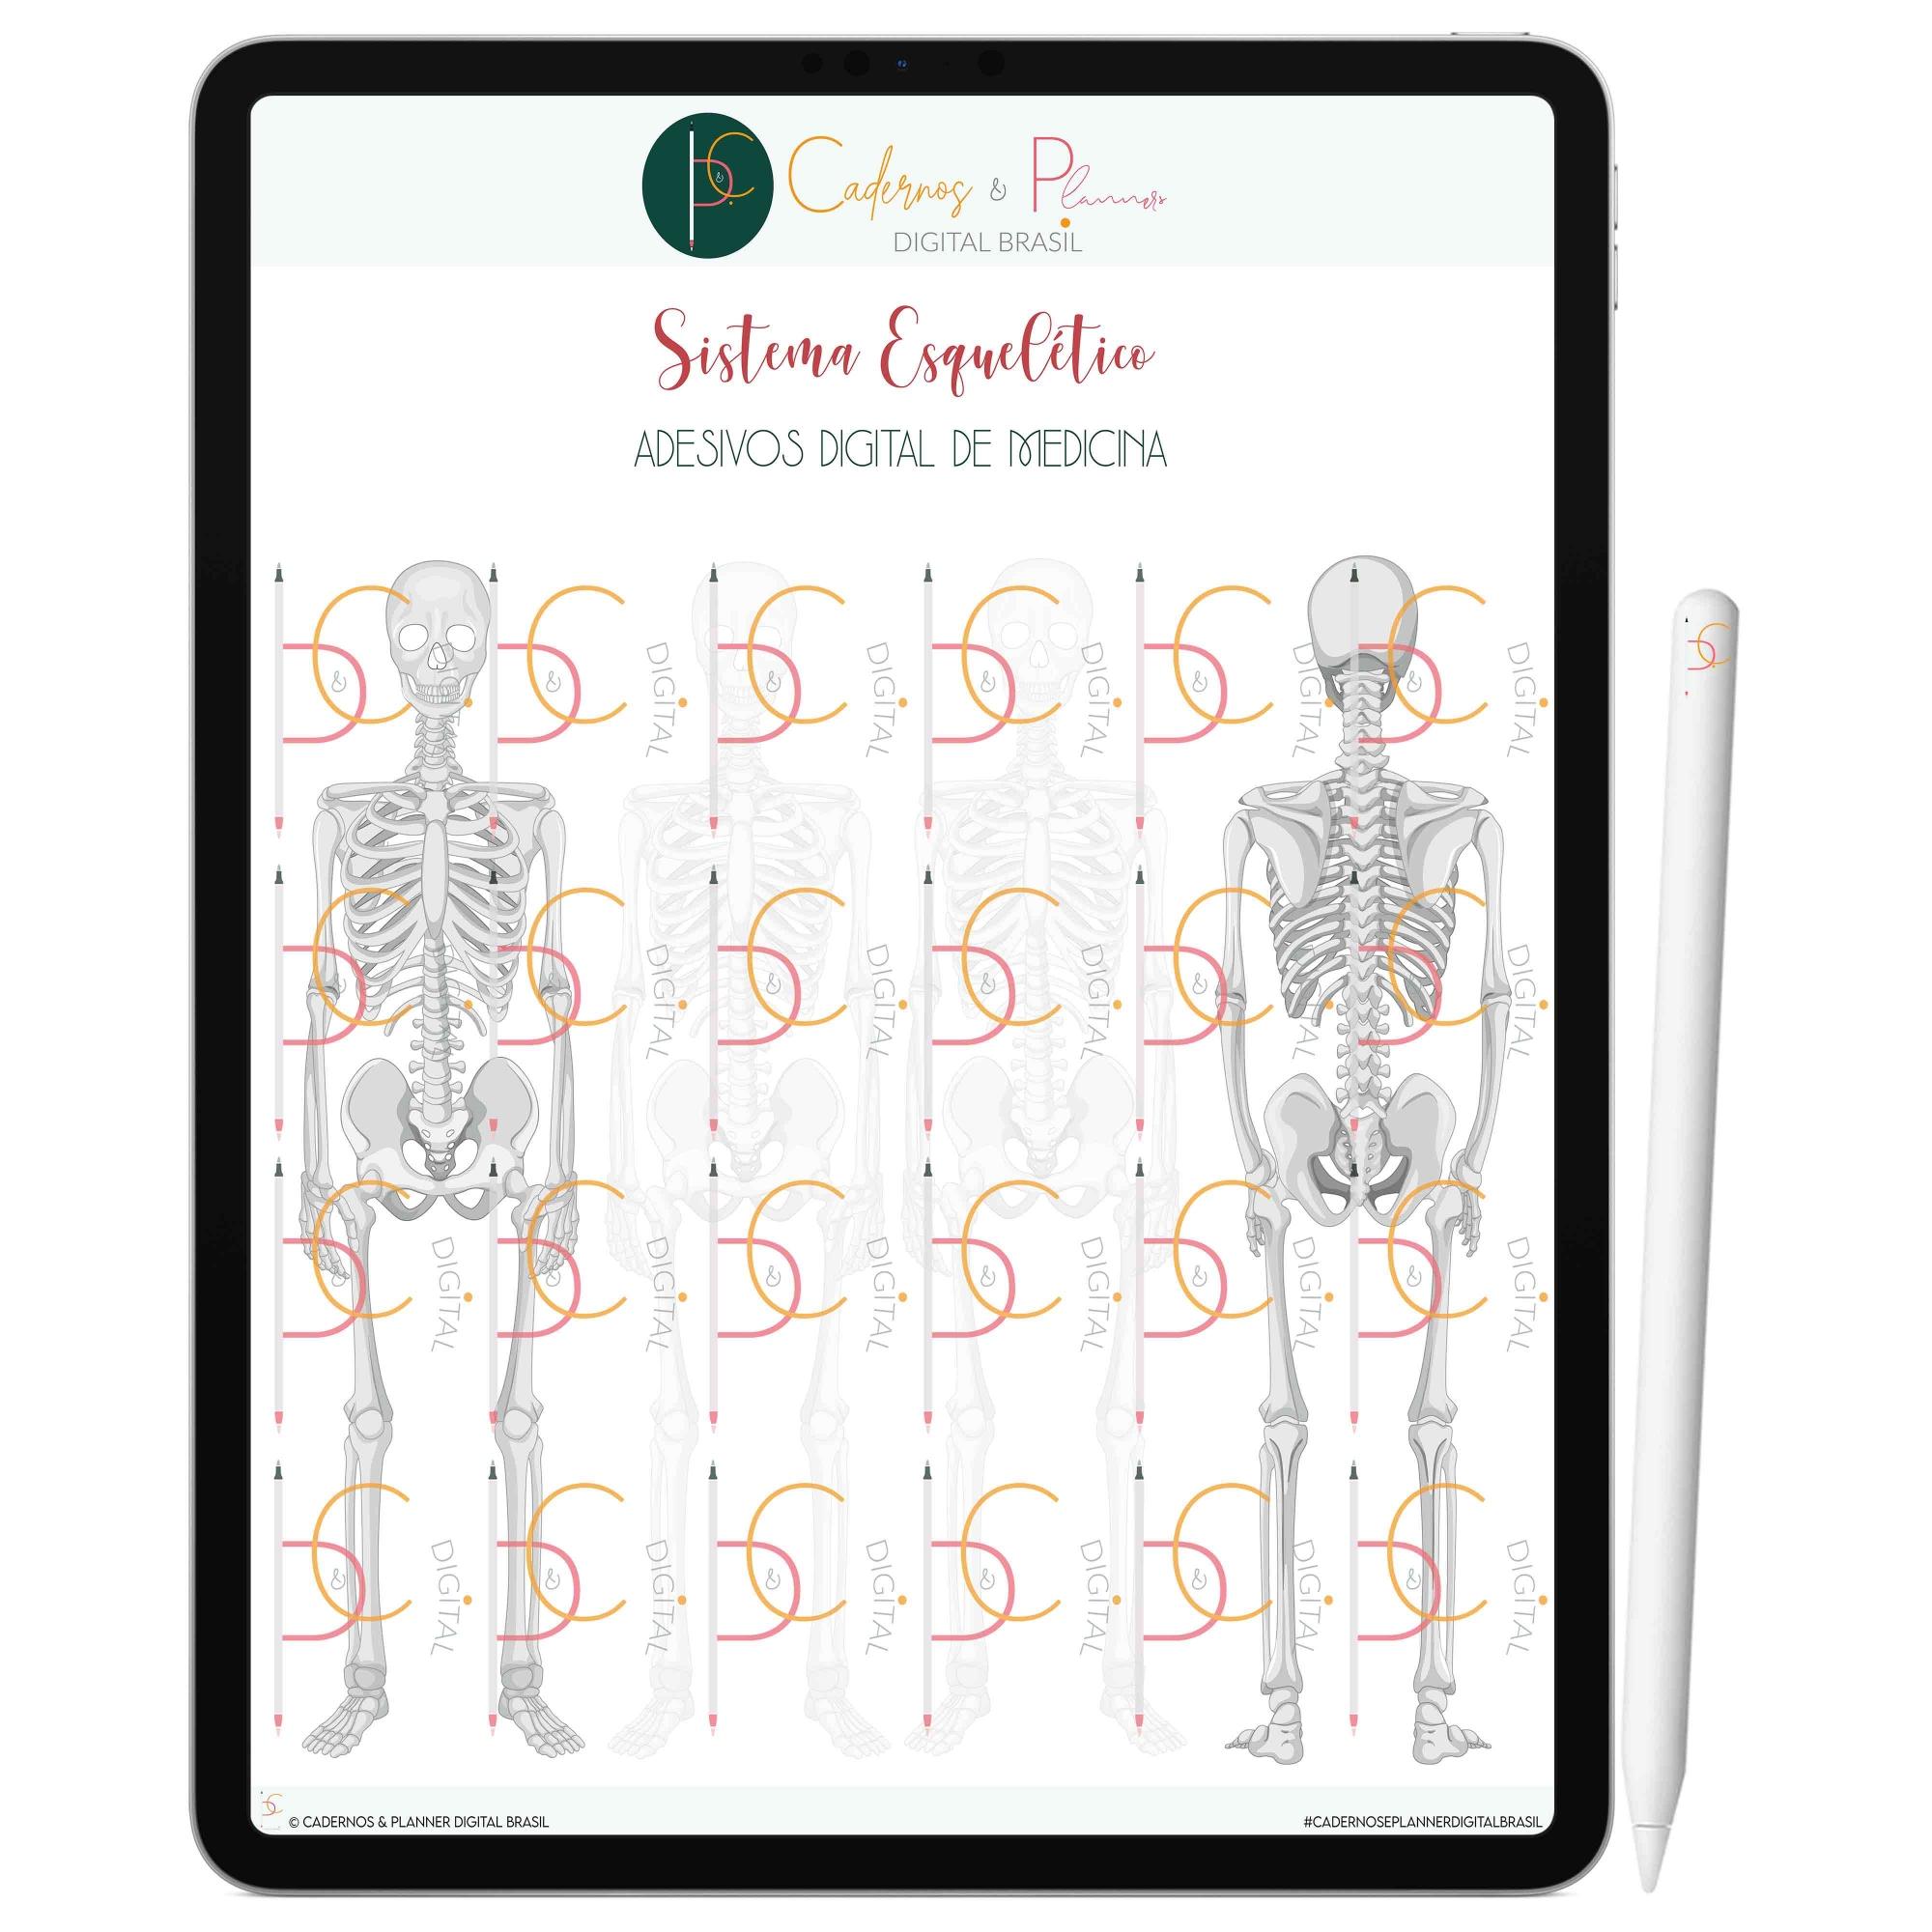 Adesivos Digital de Medicina - Sistema Locomotor Esquelético no Corpo Feminino | iPad Tablet | Download Instantâneo